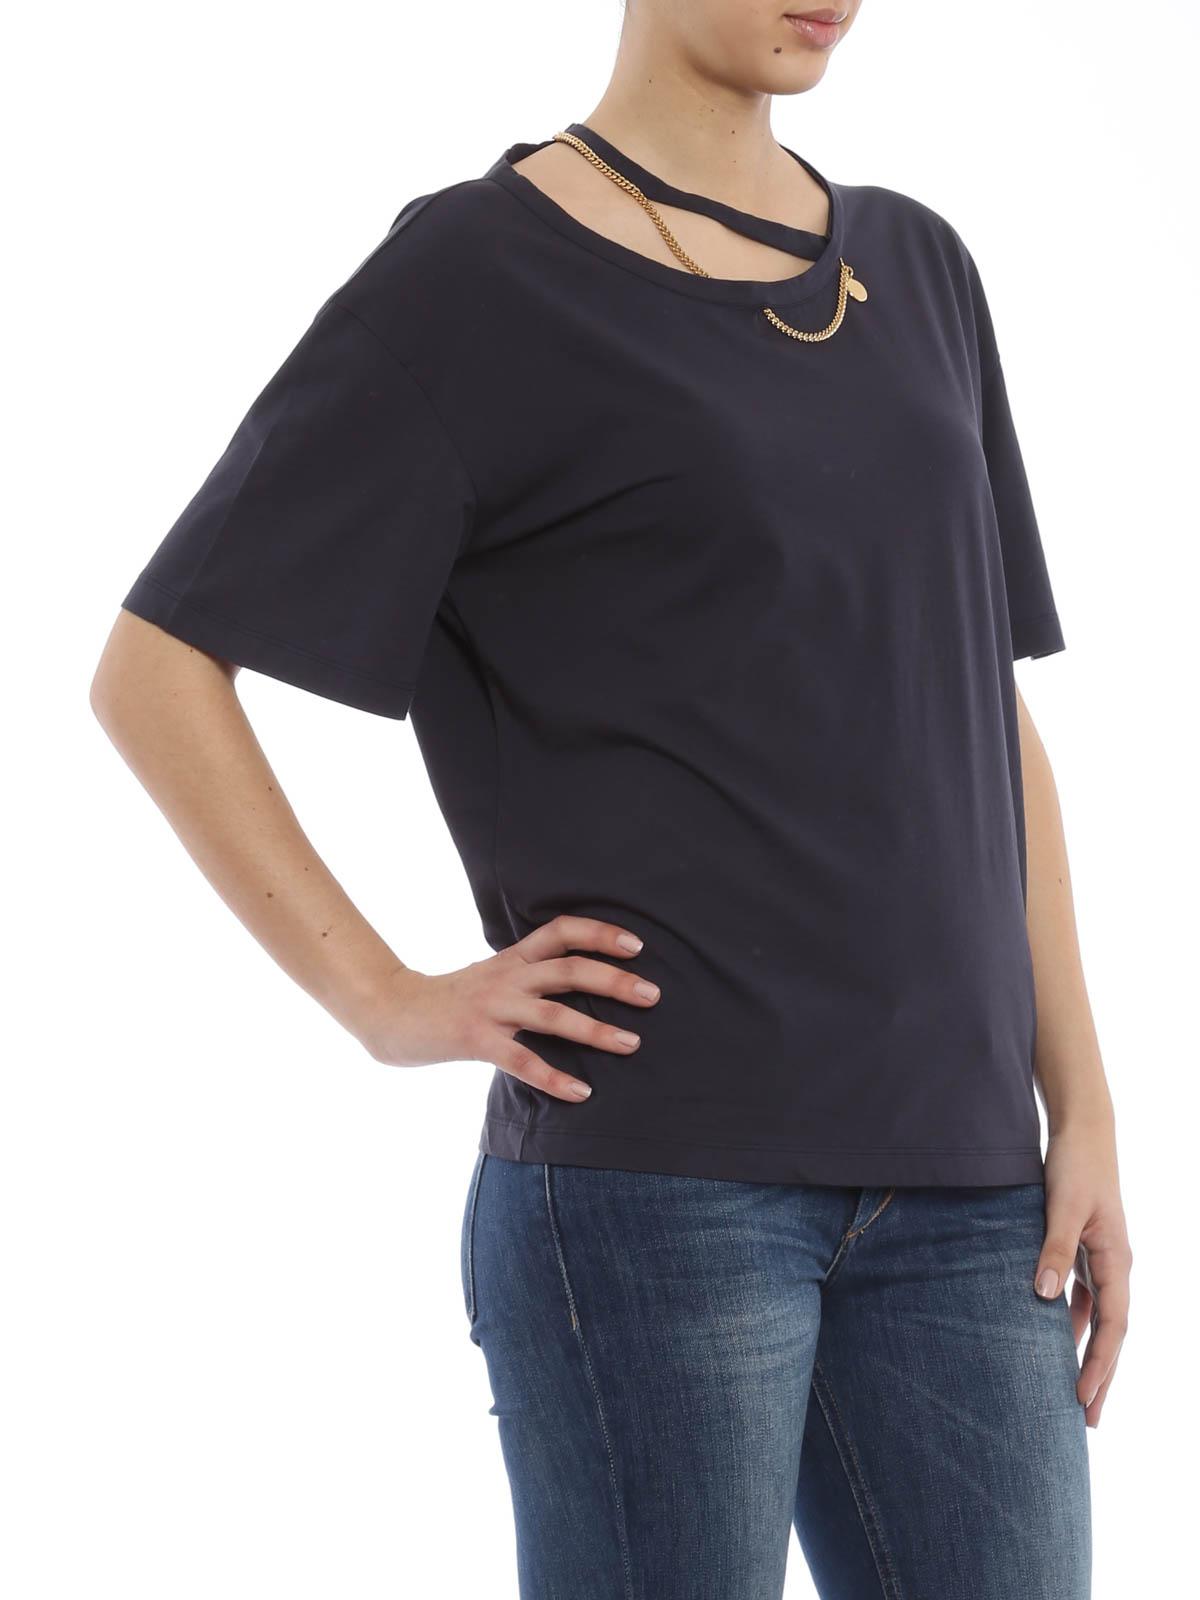 falabella t shirt by stella mccartney t shirts ikrix